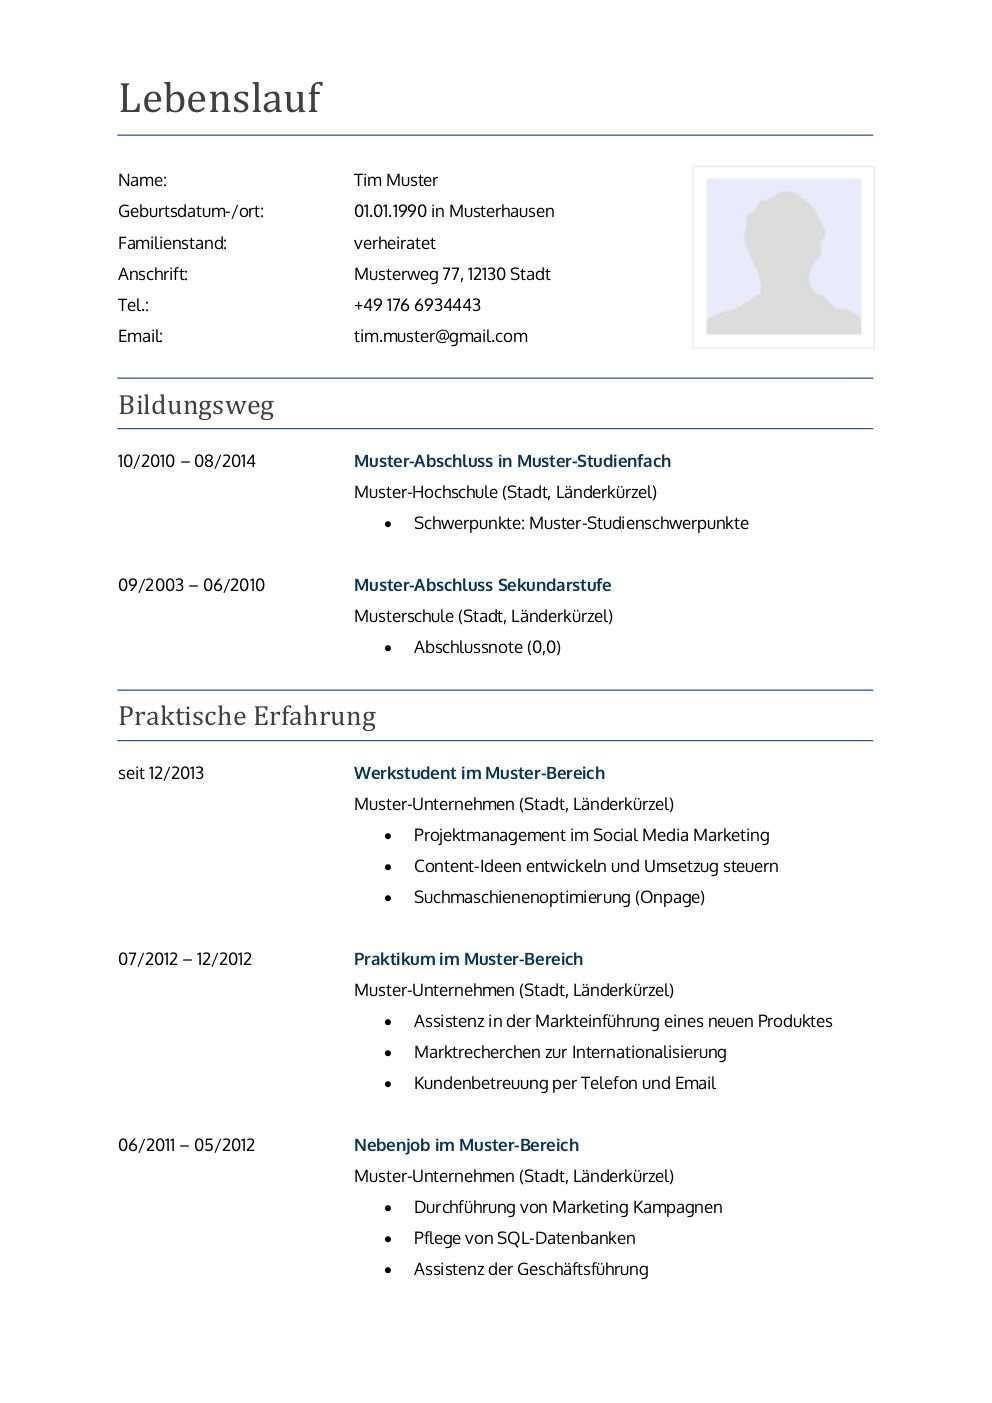 Bewerbungsschreiben Muster Bewerbungsschreiben Lehrer Bewerbung Bewerbungsschreiben Muster Part Bewerbungmuster L In 2020 Document Templates Templates Resume